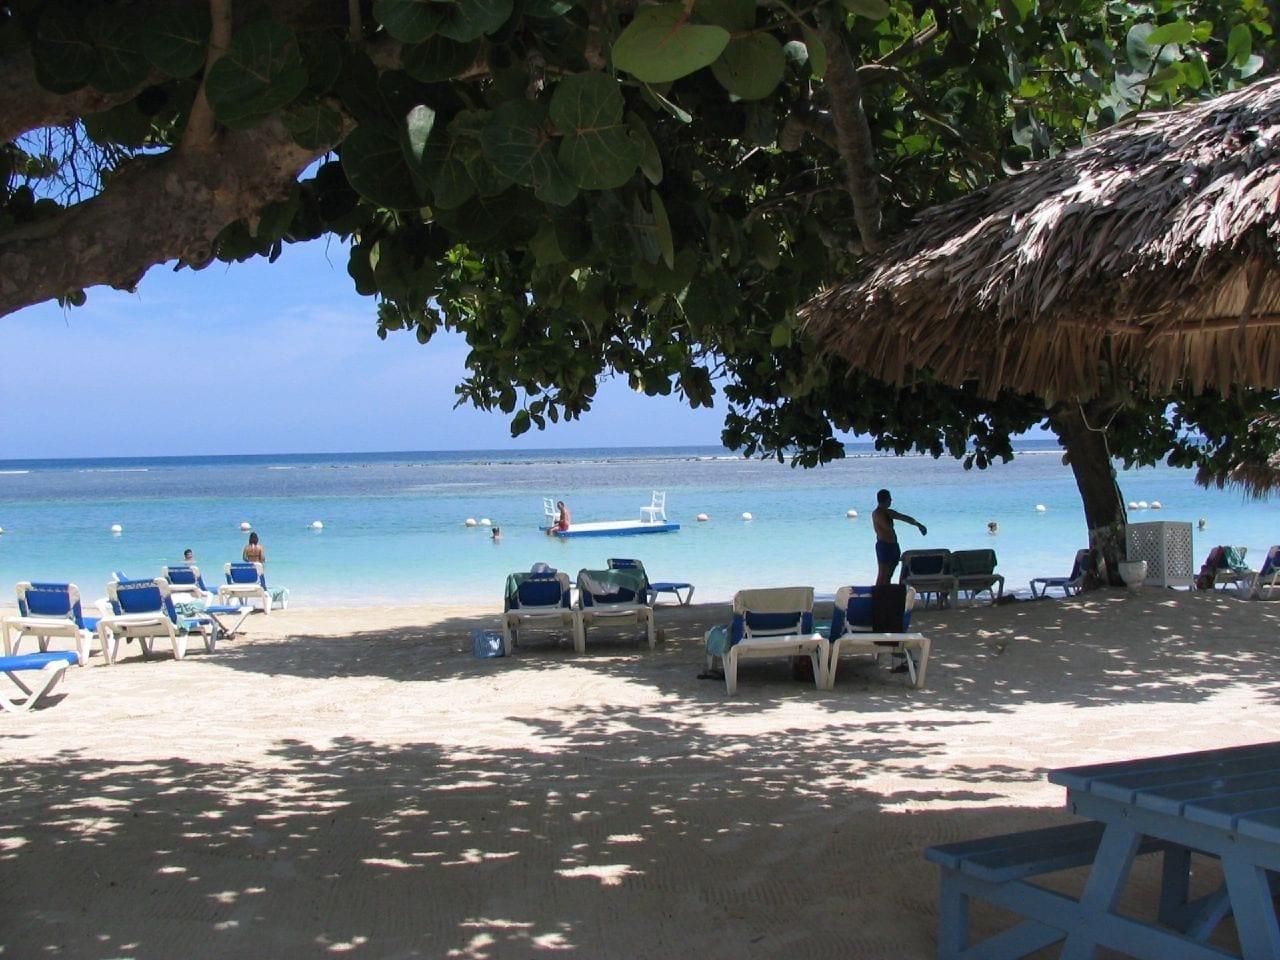 Tómese un descanso del sol y relájese en la playa bajo una palmera Montego Bay (Bahía Montego) Jamaica